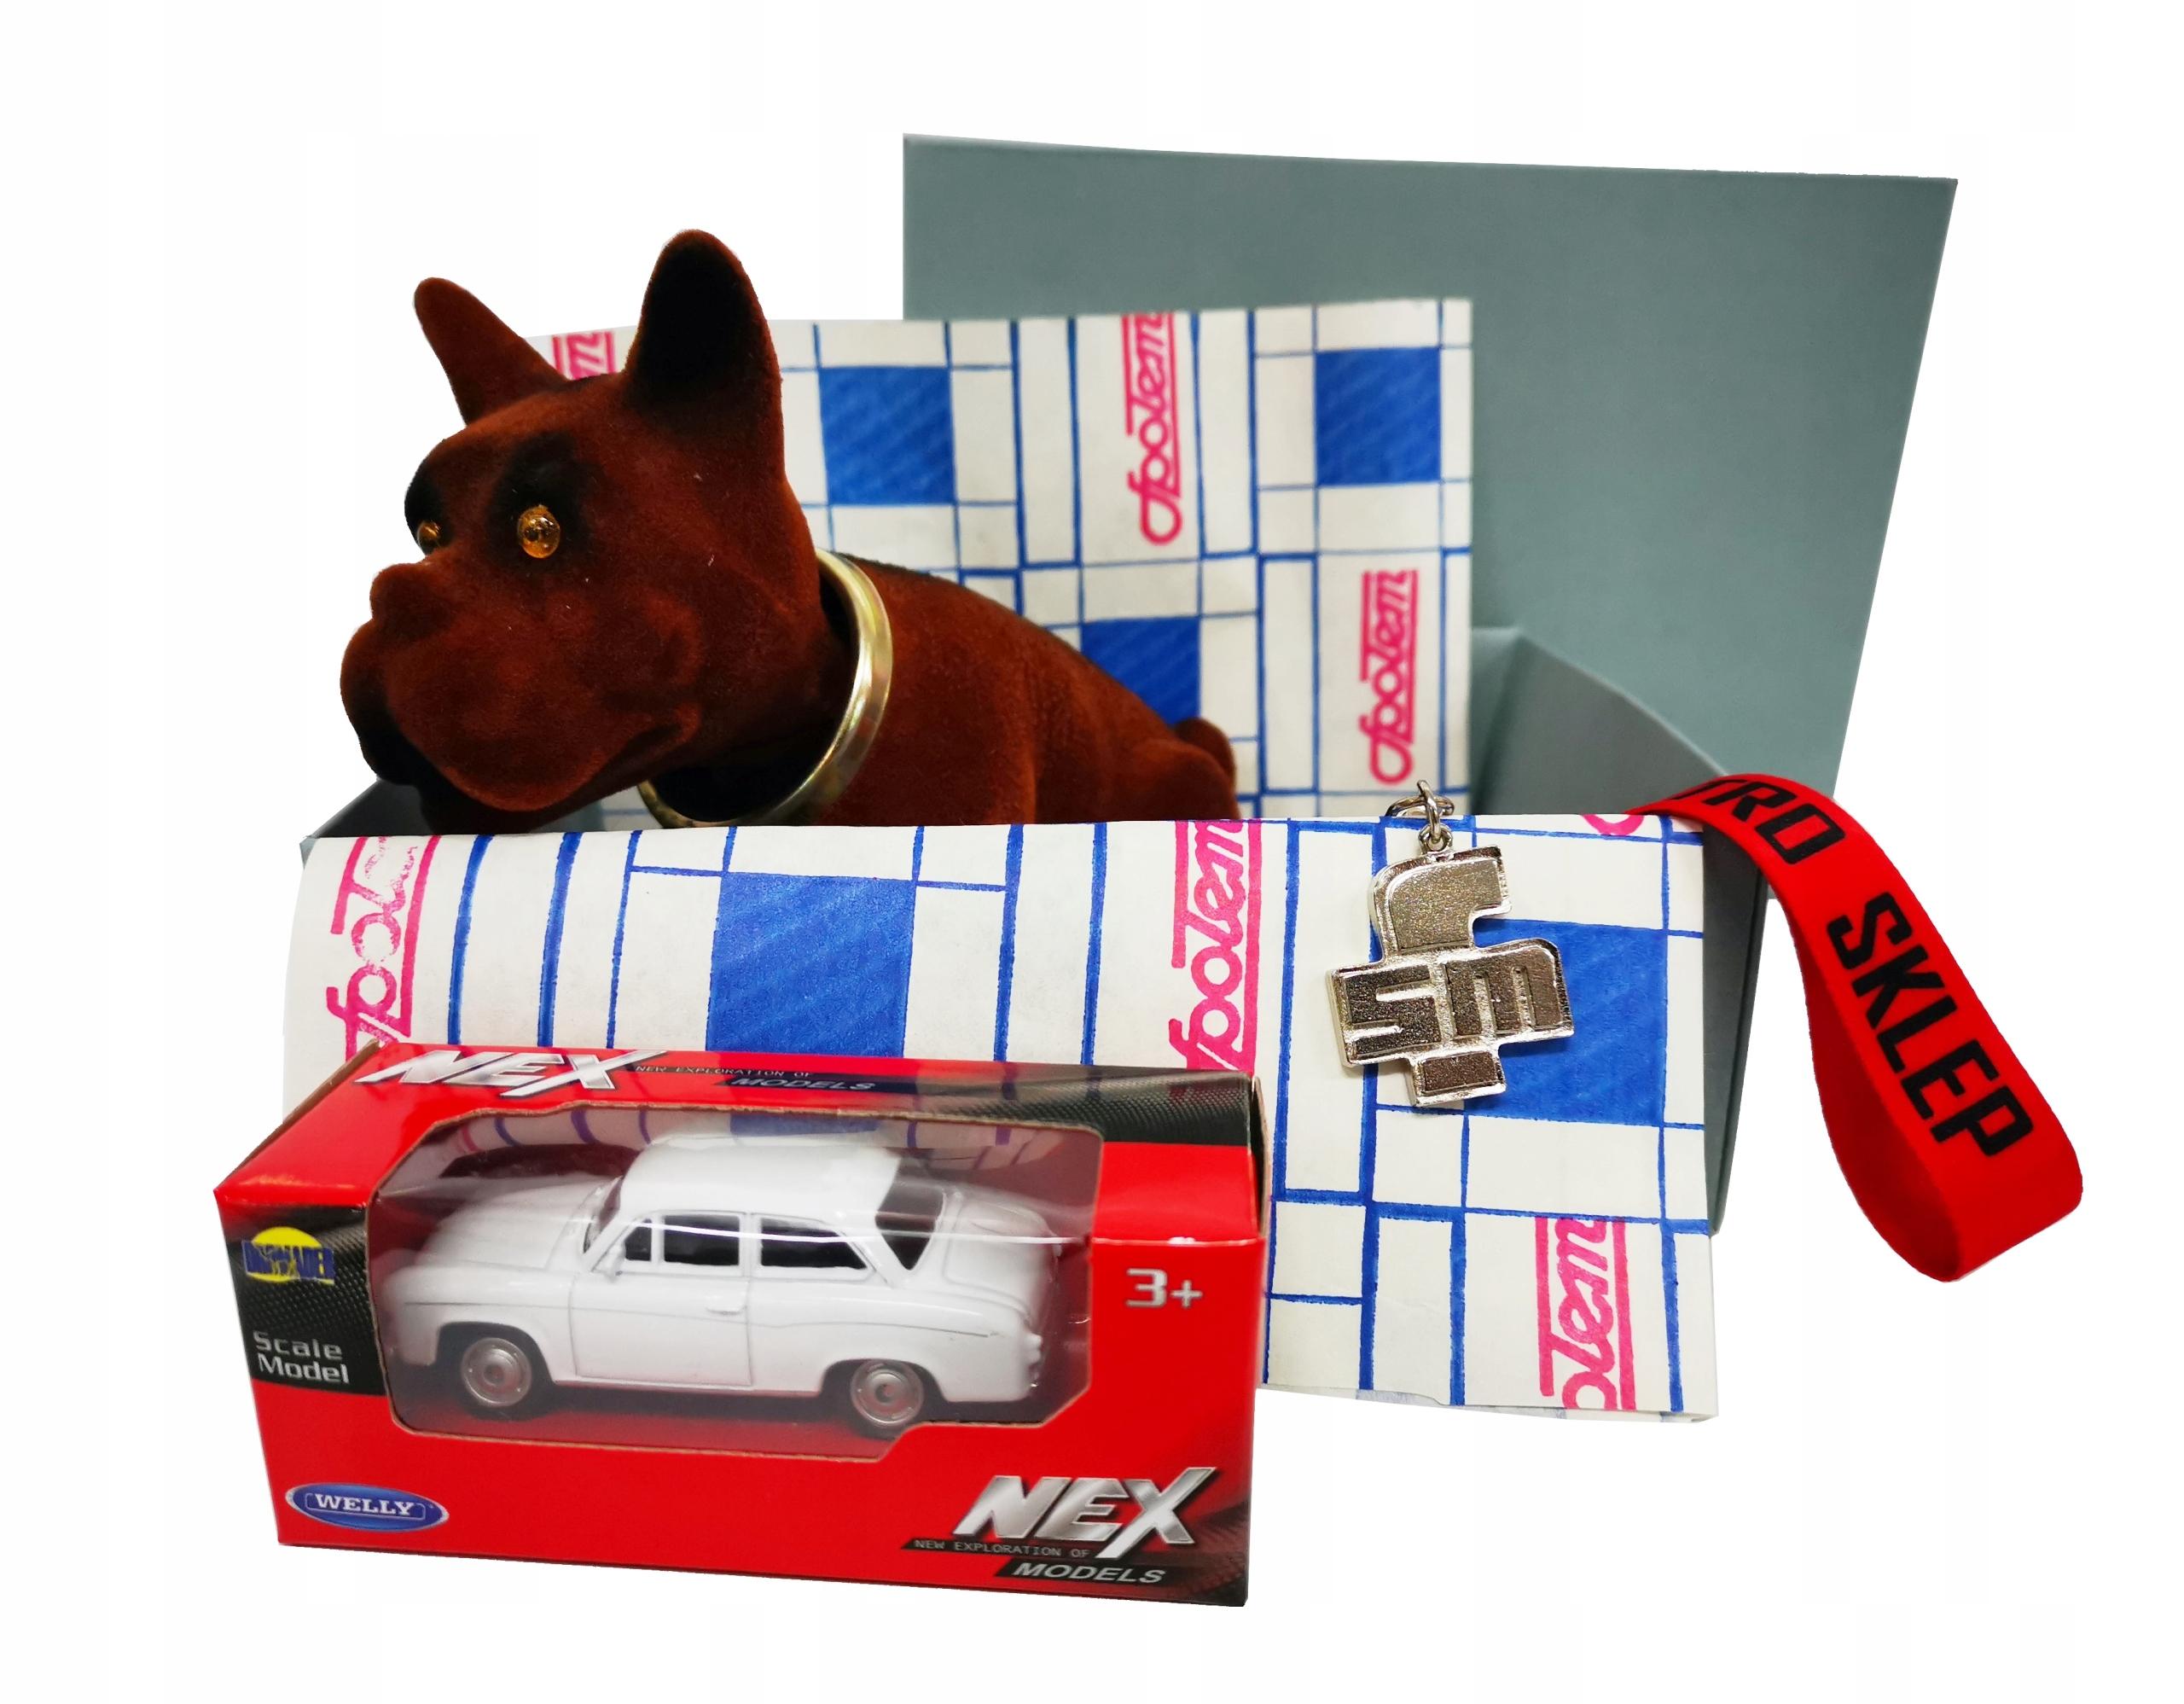 Retro BOX darček SYRENA FSM pes + vychytávky